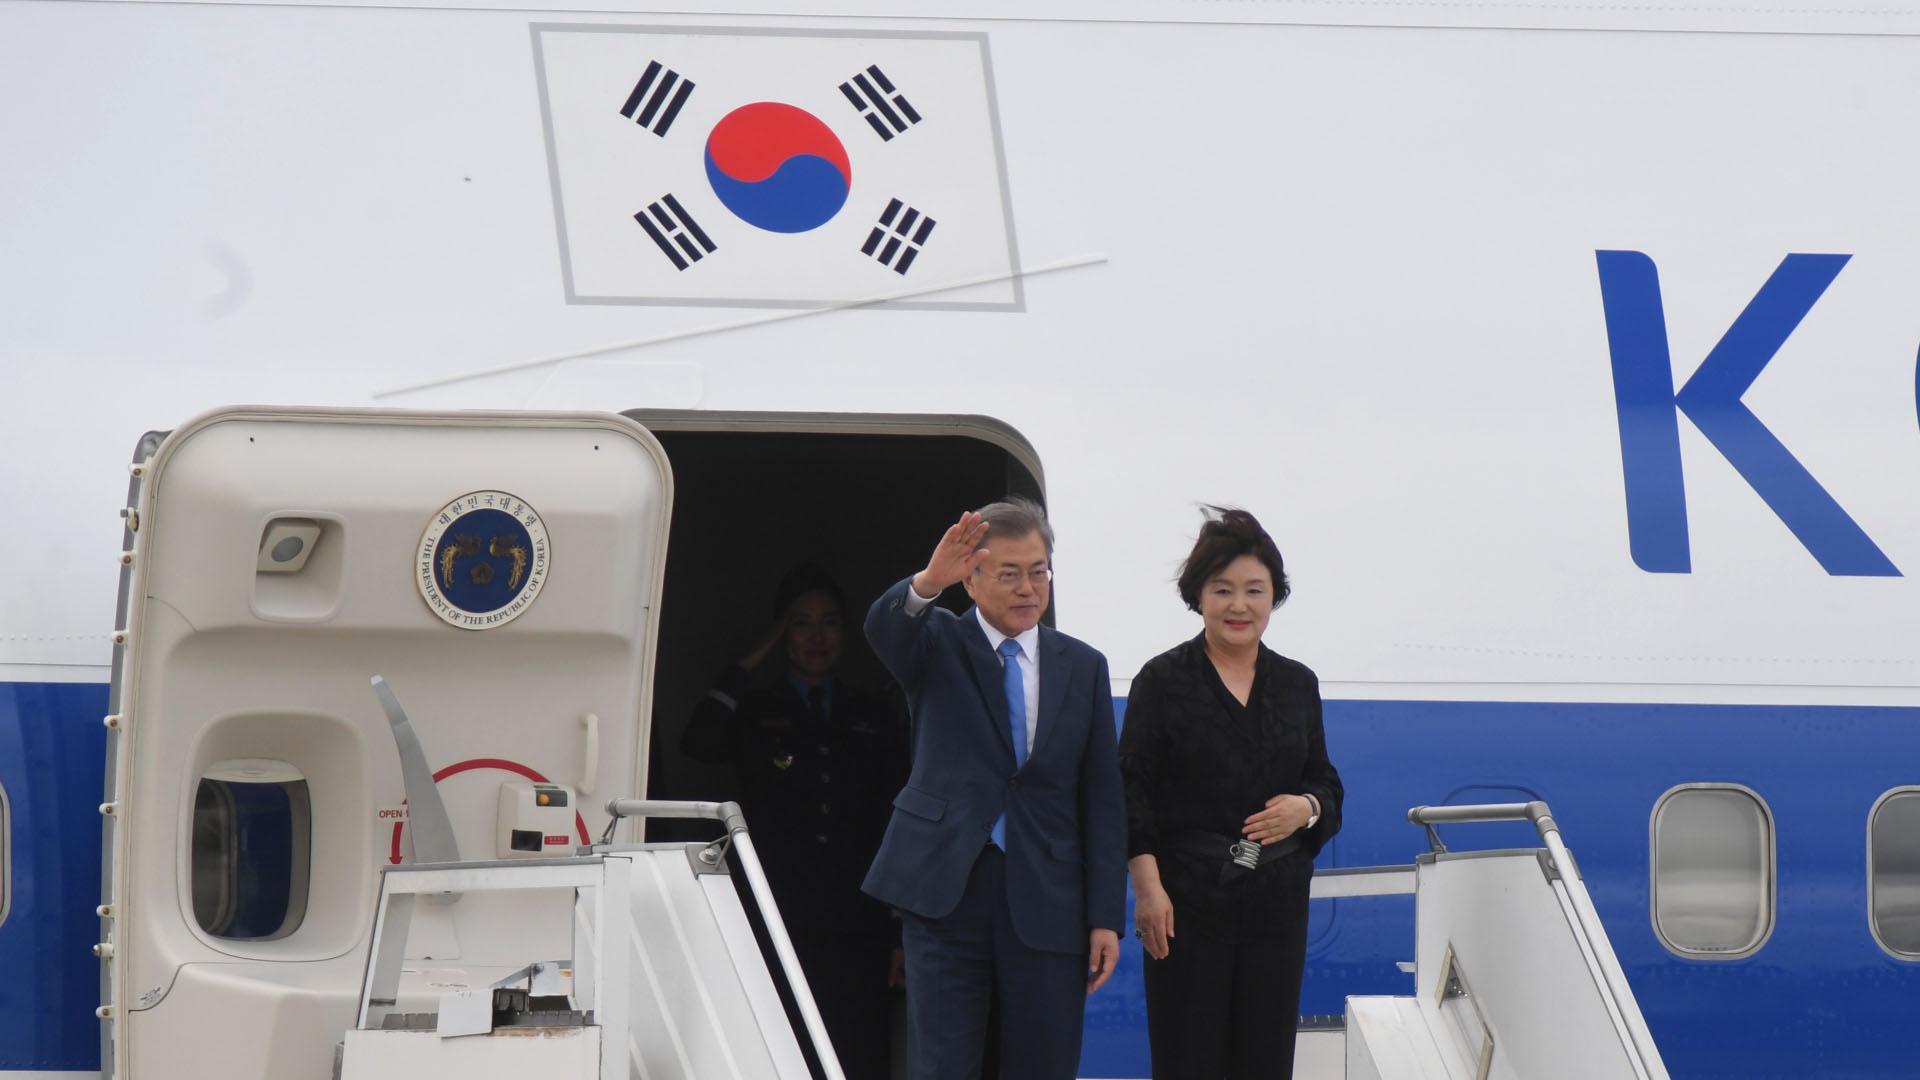 El segundo jefe de Estado en aterrizar este jueves en Ezeiza fue el presidente de Corea del Sur, Moon Jae-in